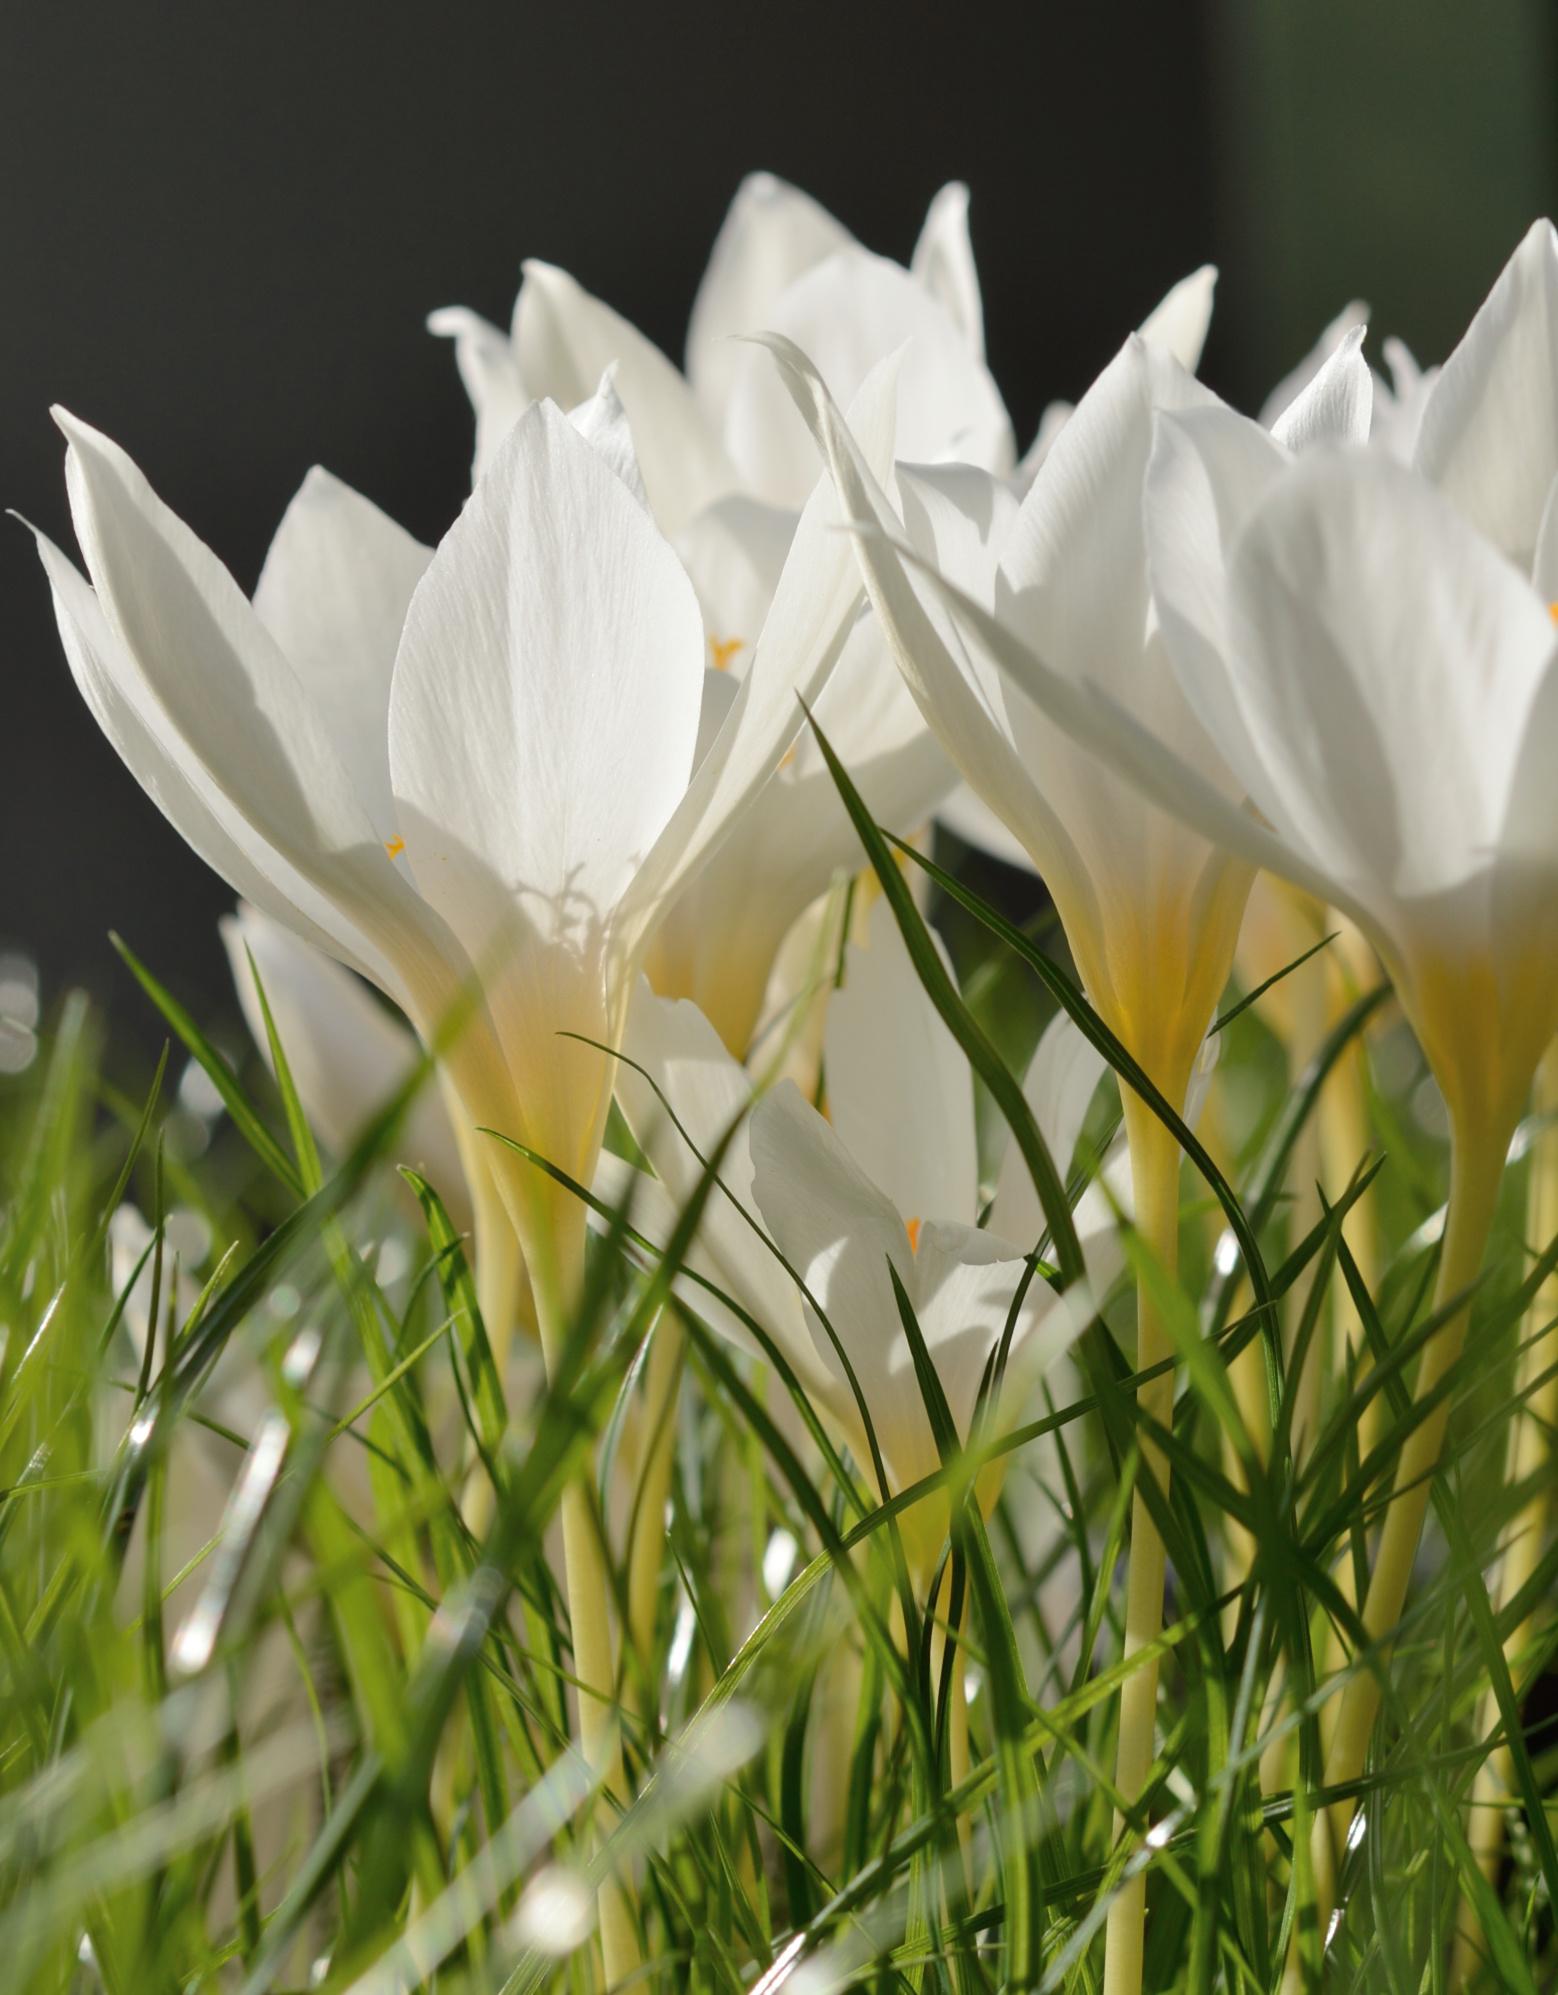 Krokus (herfst)  Crocus speciosus 'Albus' (Witte herfstkrokus)